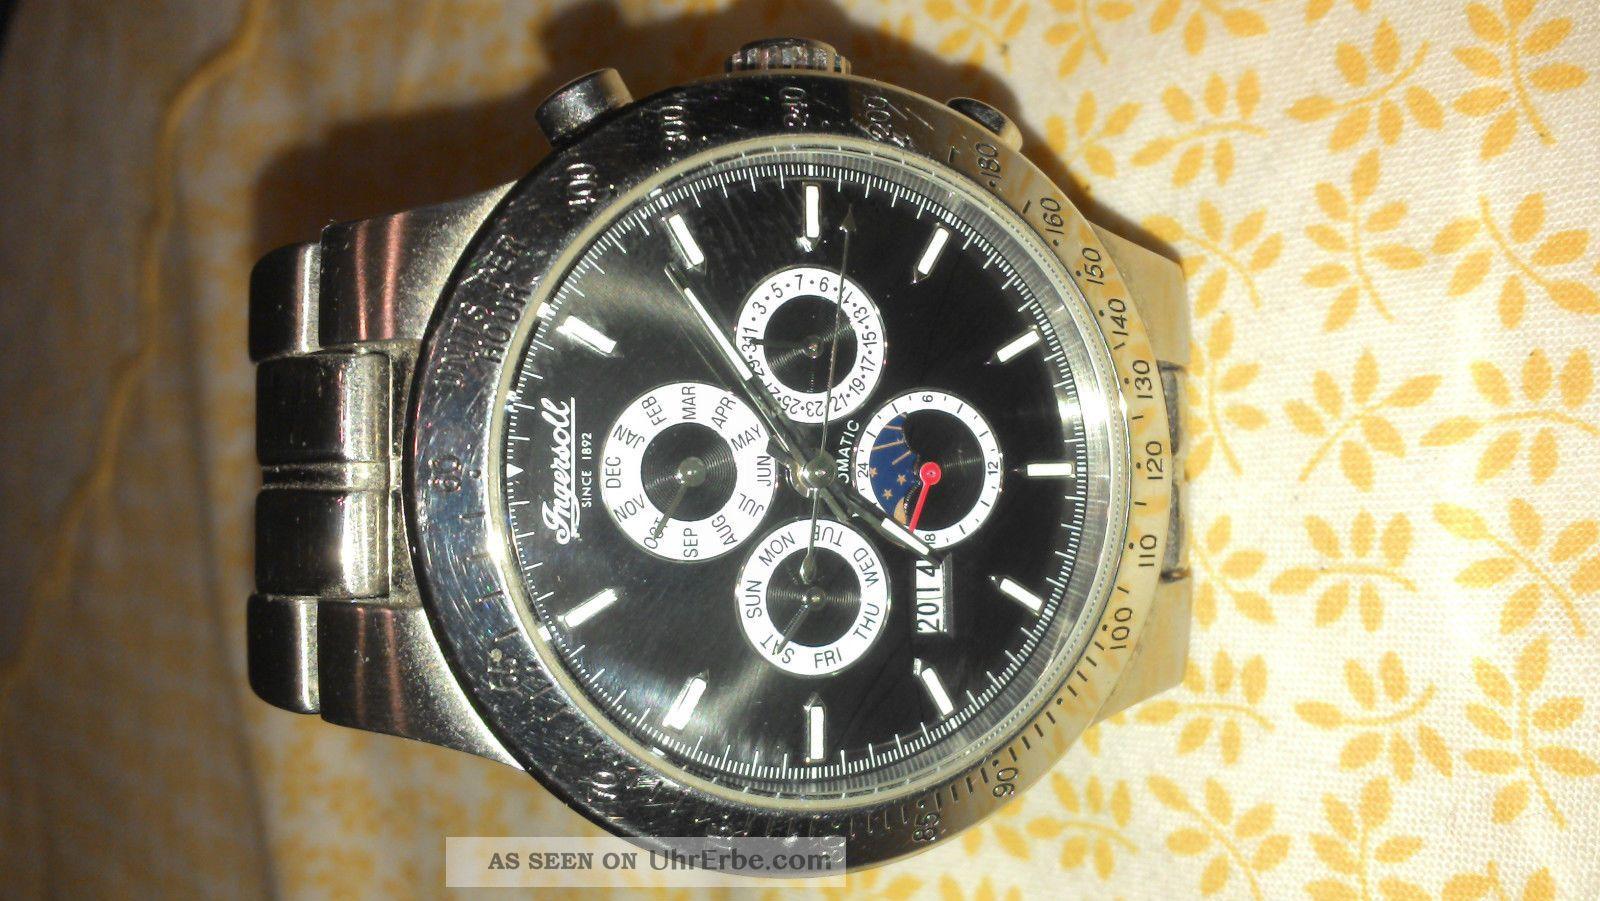 Ingersoll Armbanduhr Delaware In - 3200 - Bk Armbanduhren Bild